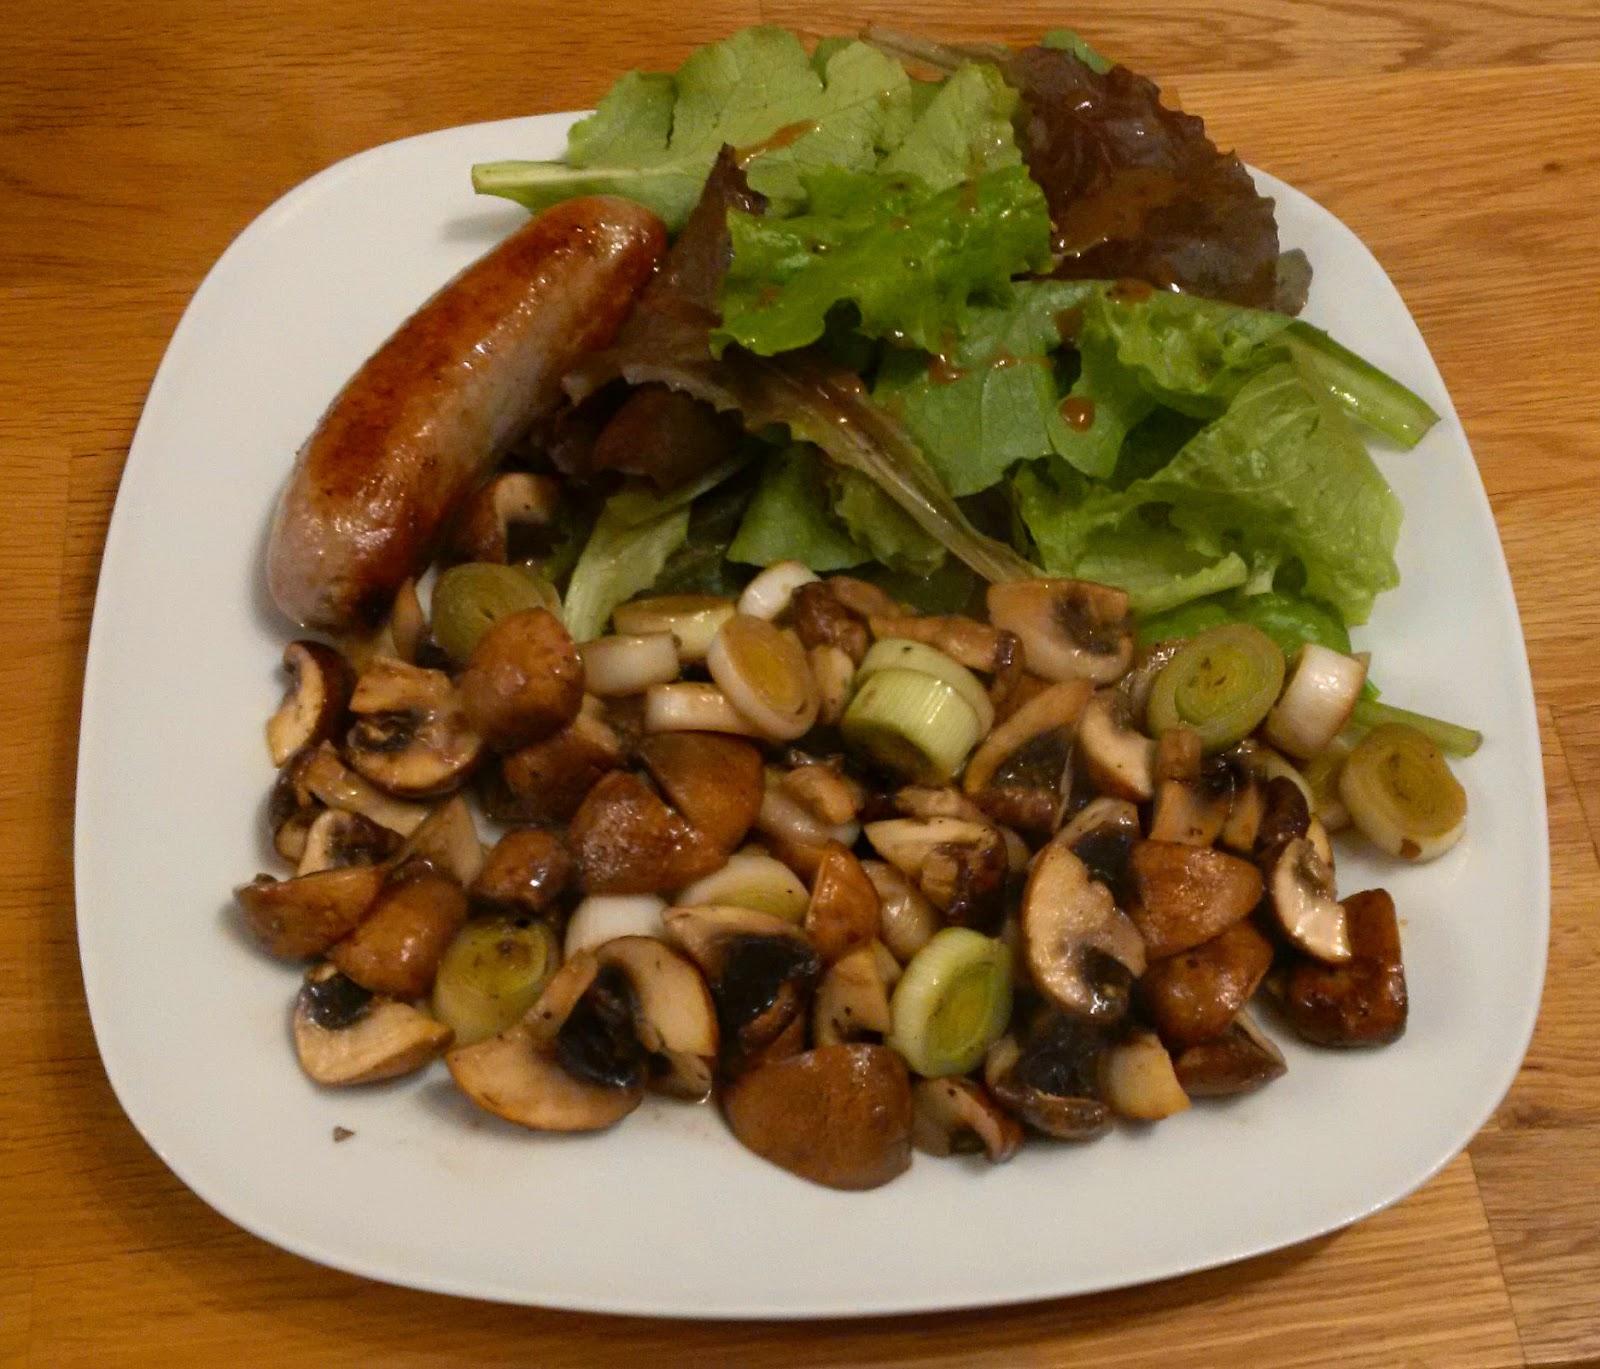 pipapo paleo rezept bratwurst mit ged nsteten pilzen und salat. Black Bedroom Furniture Sets. Home Design Ideas